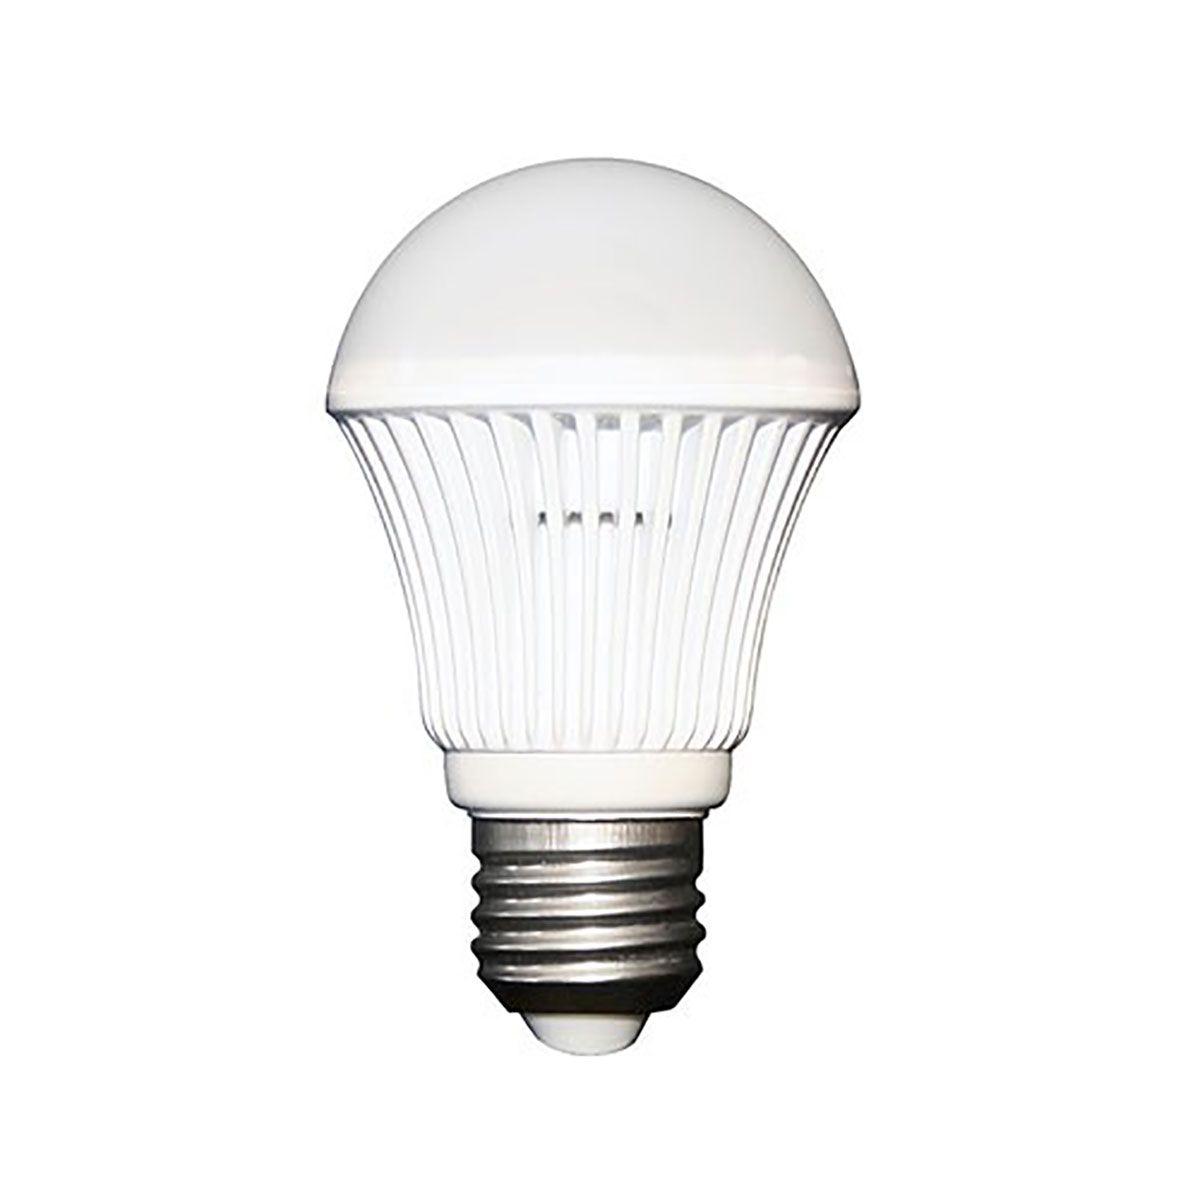 ampoule 4 4w steca led 4. Black Bedroom Furniture Sets. Home Design Ideas